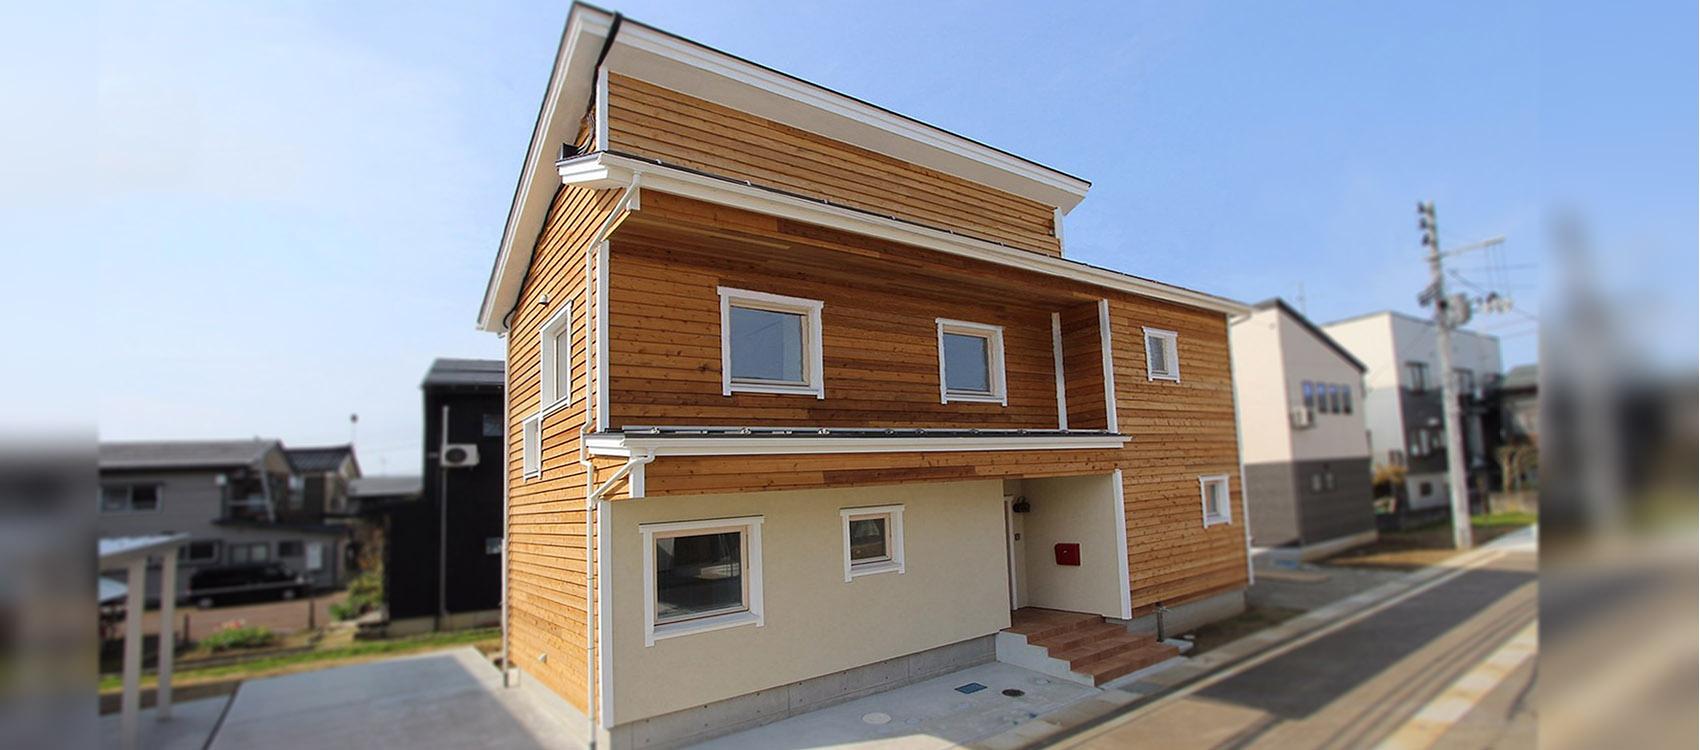 新潟県長岡市の注文住宅・新築・注文住宅・デザイン住宅なら・身体と環境に優しい健康住宅を建てる加藤建築。全棟小さなエアコン1台の冷暖房で1年中快適に過ごせる、夢のような家づくりを実現しています。